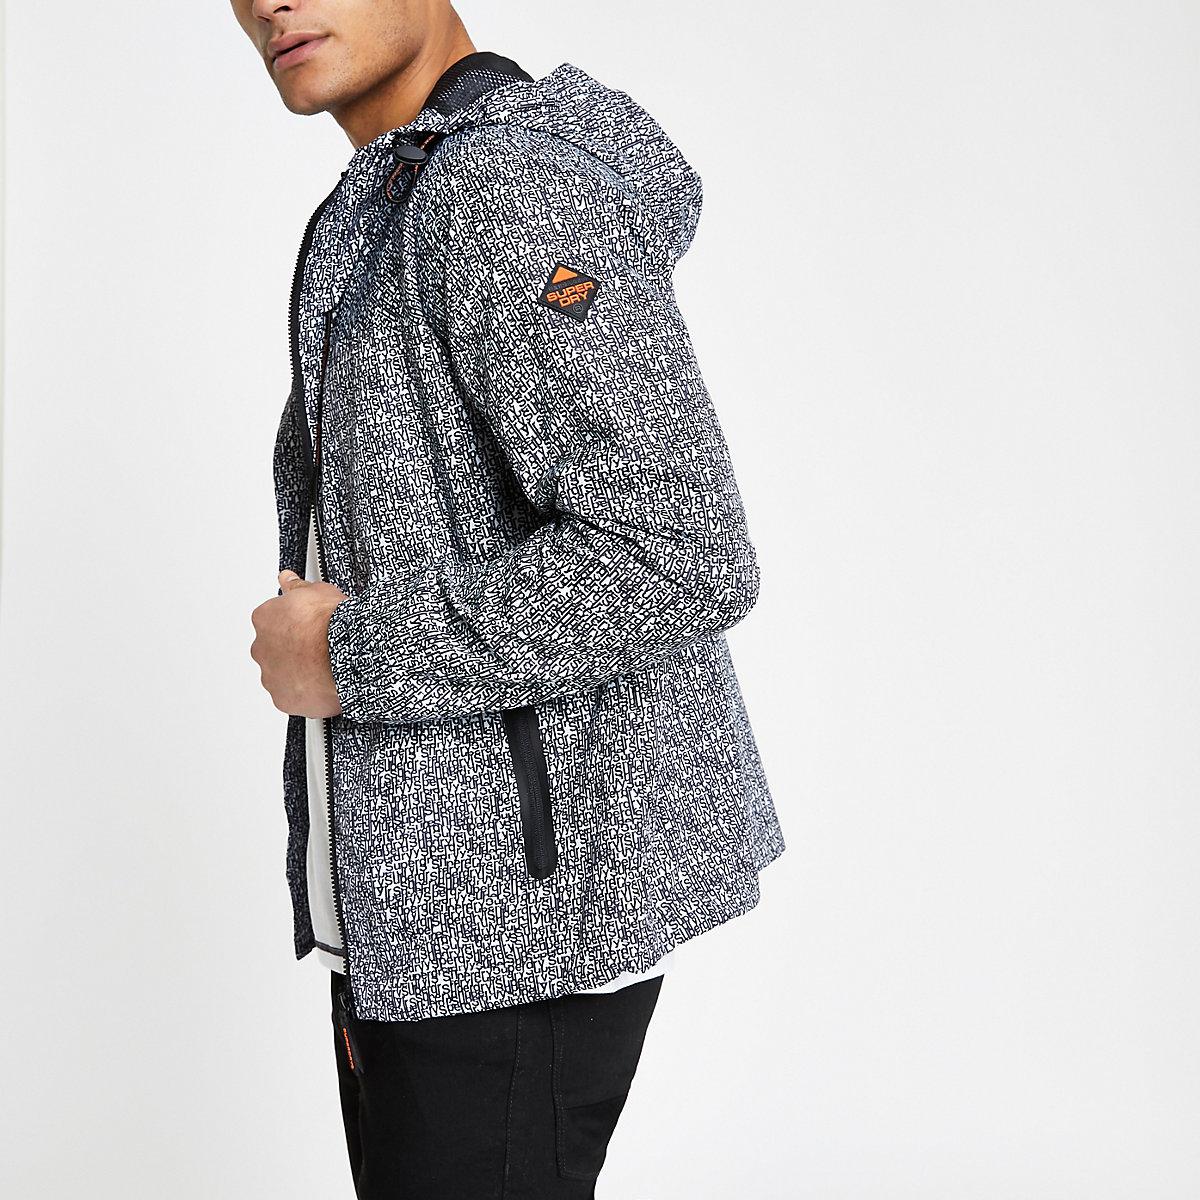 Grey Logo Cagoule Print Homme Superdry amp; Manteaux Vestes HpFxBw5